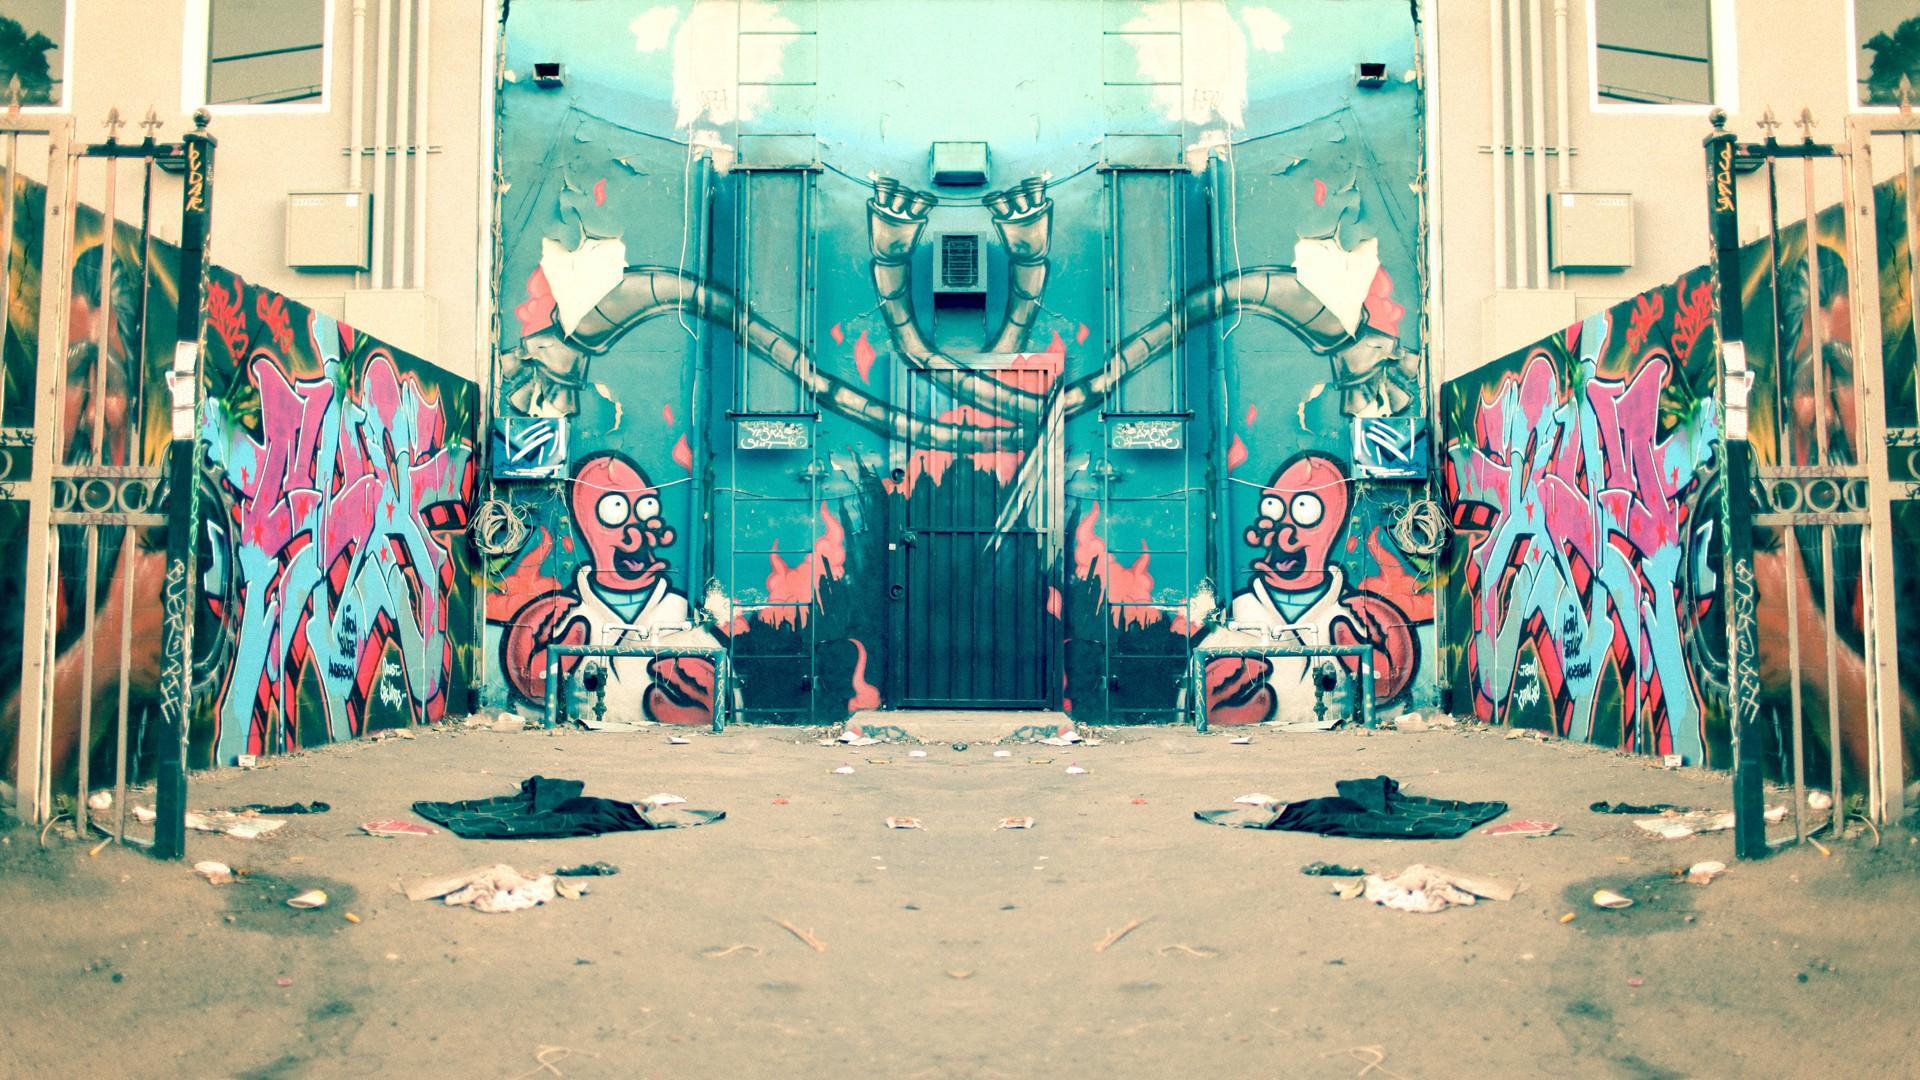 street art desktop wallpaper pictures 59660